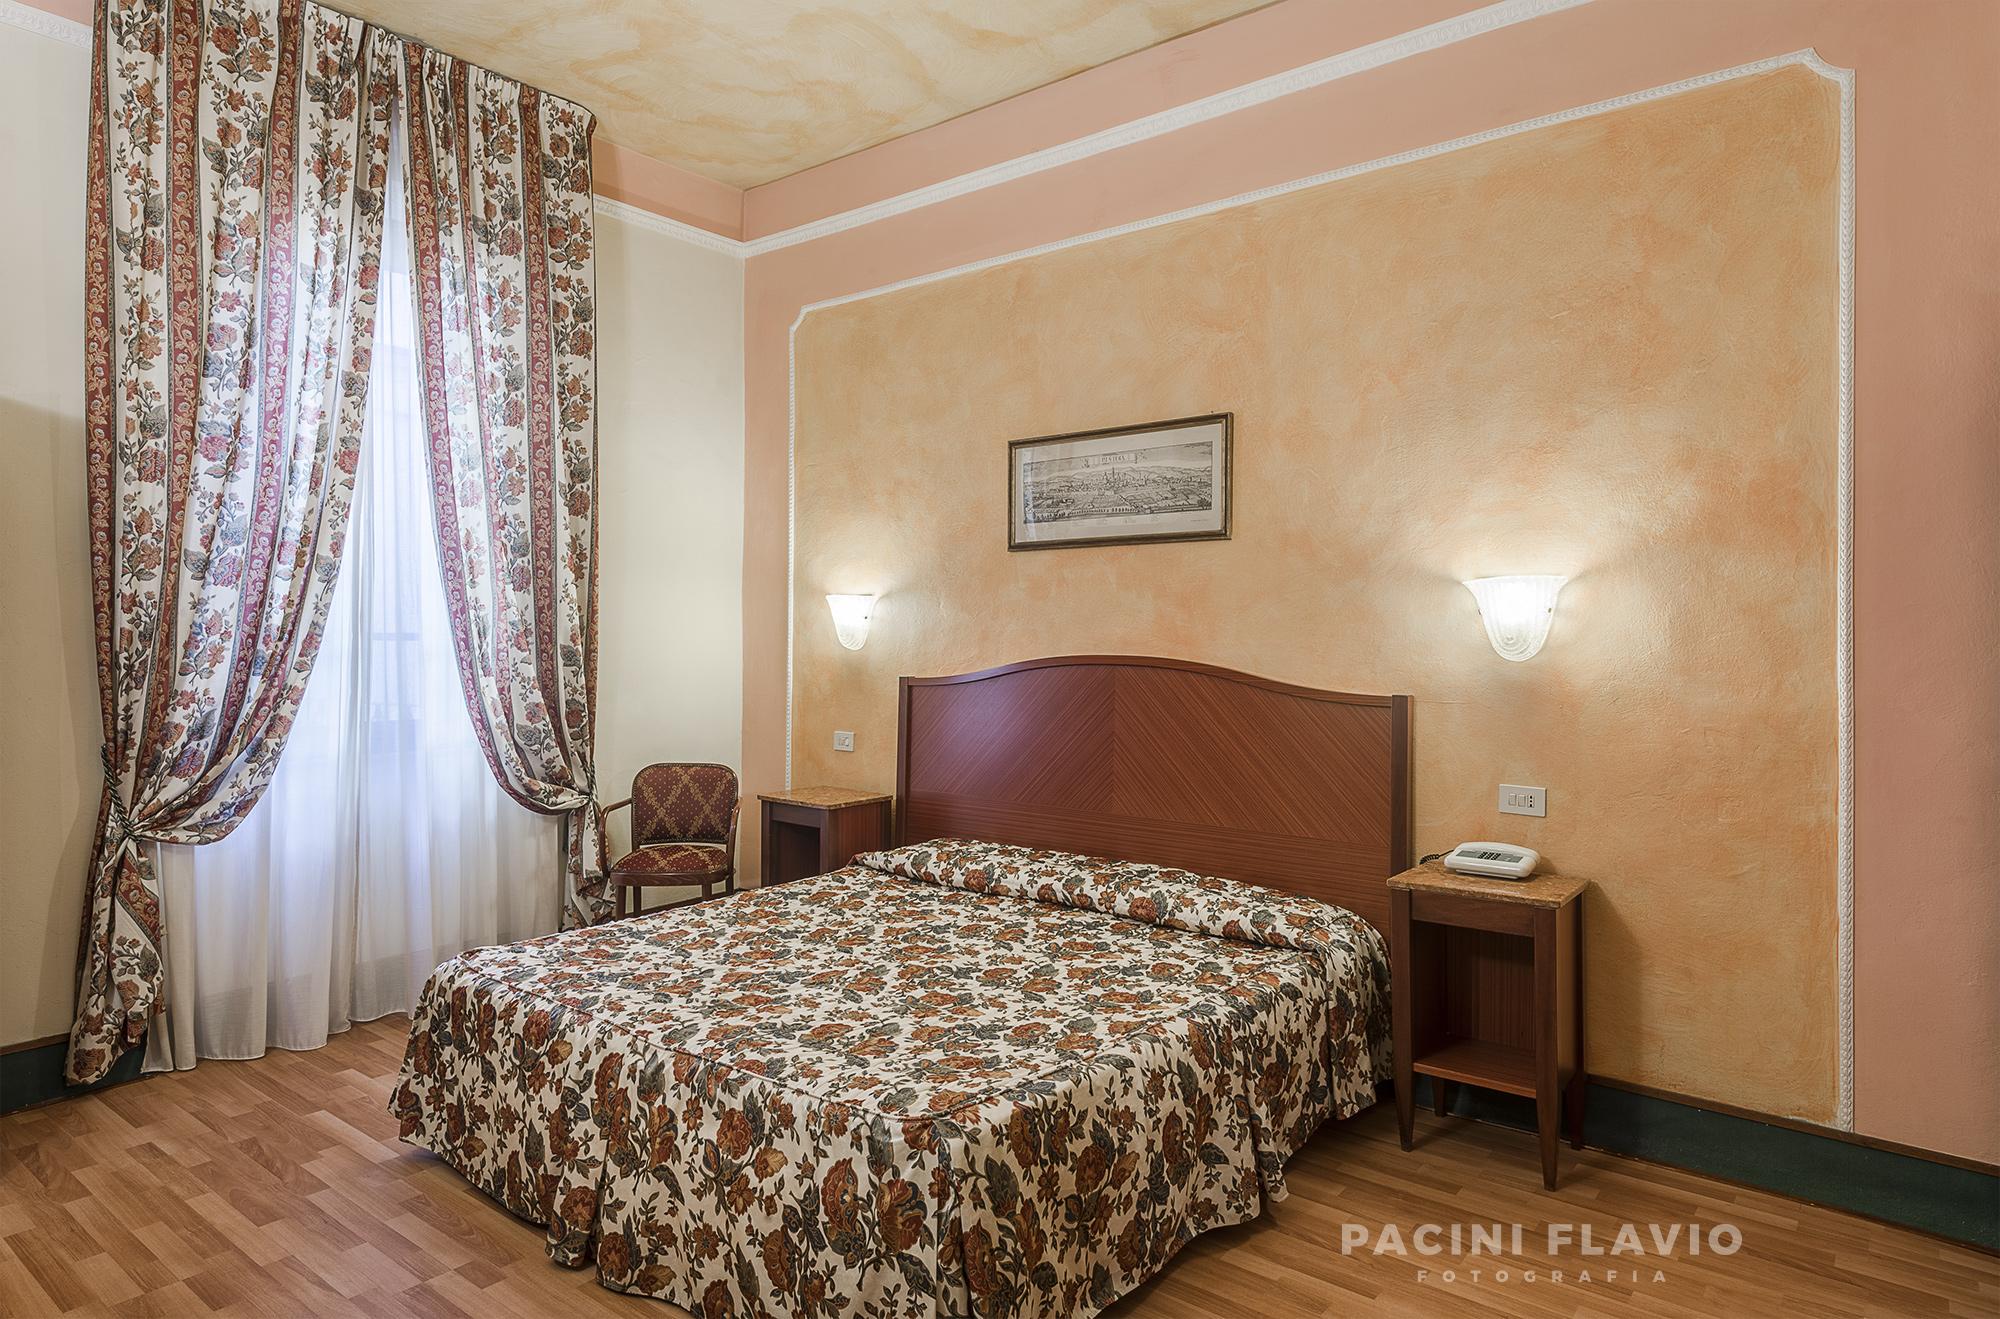 Foto camera d'hotel classica